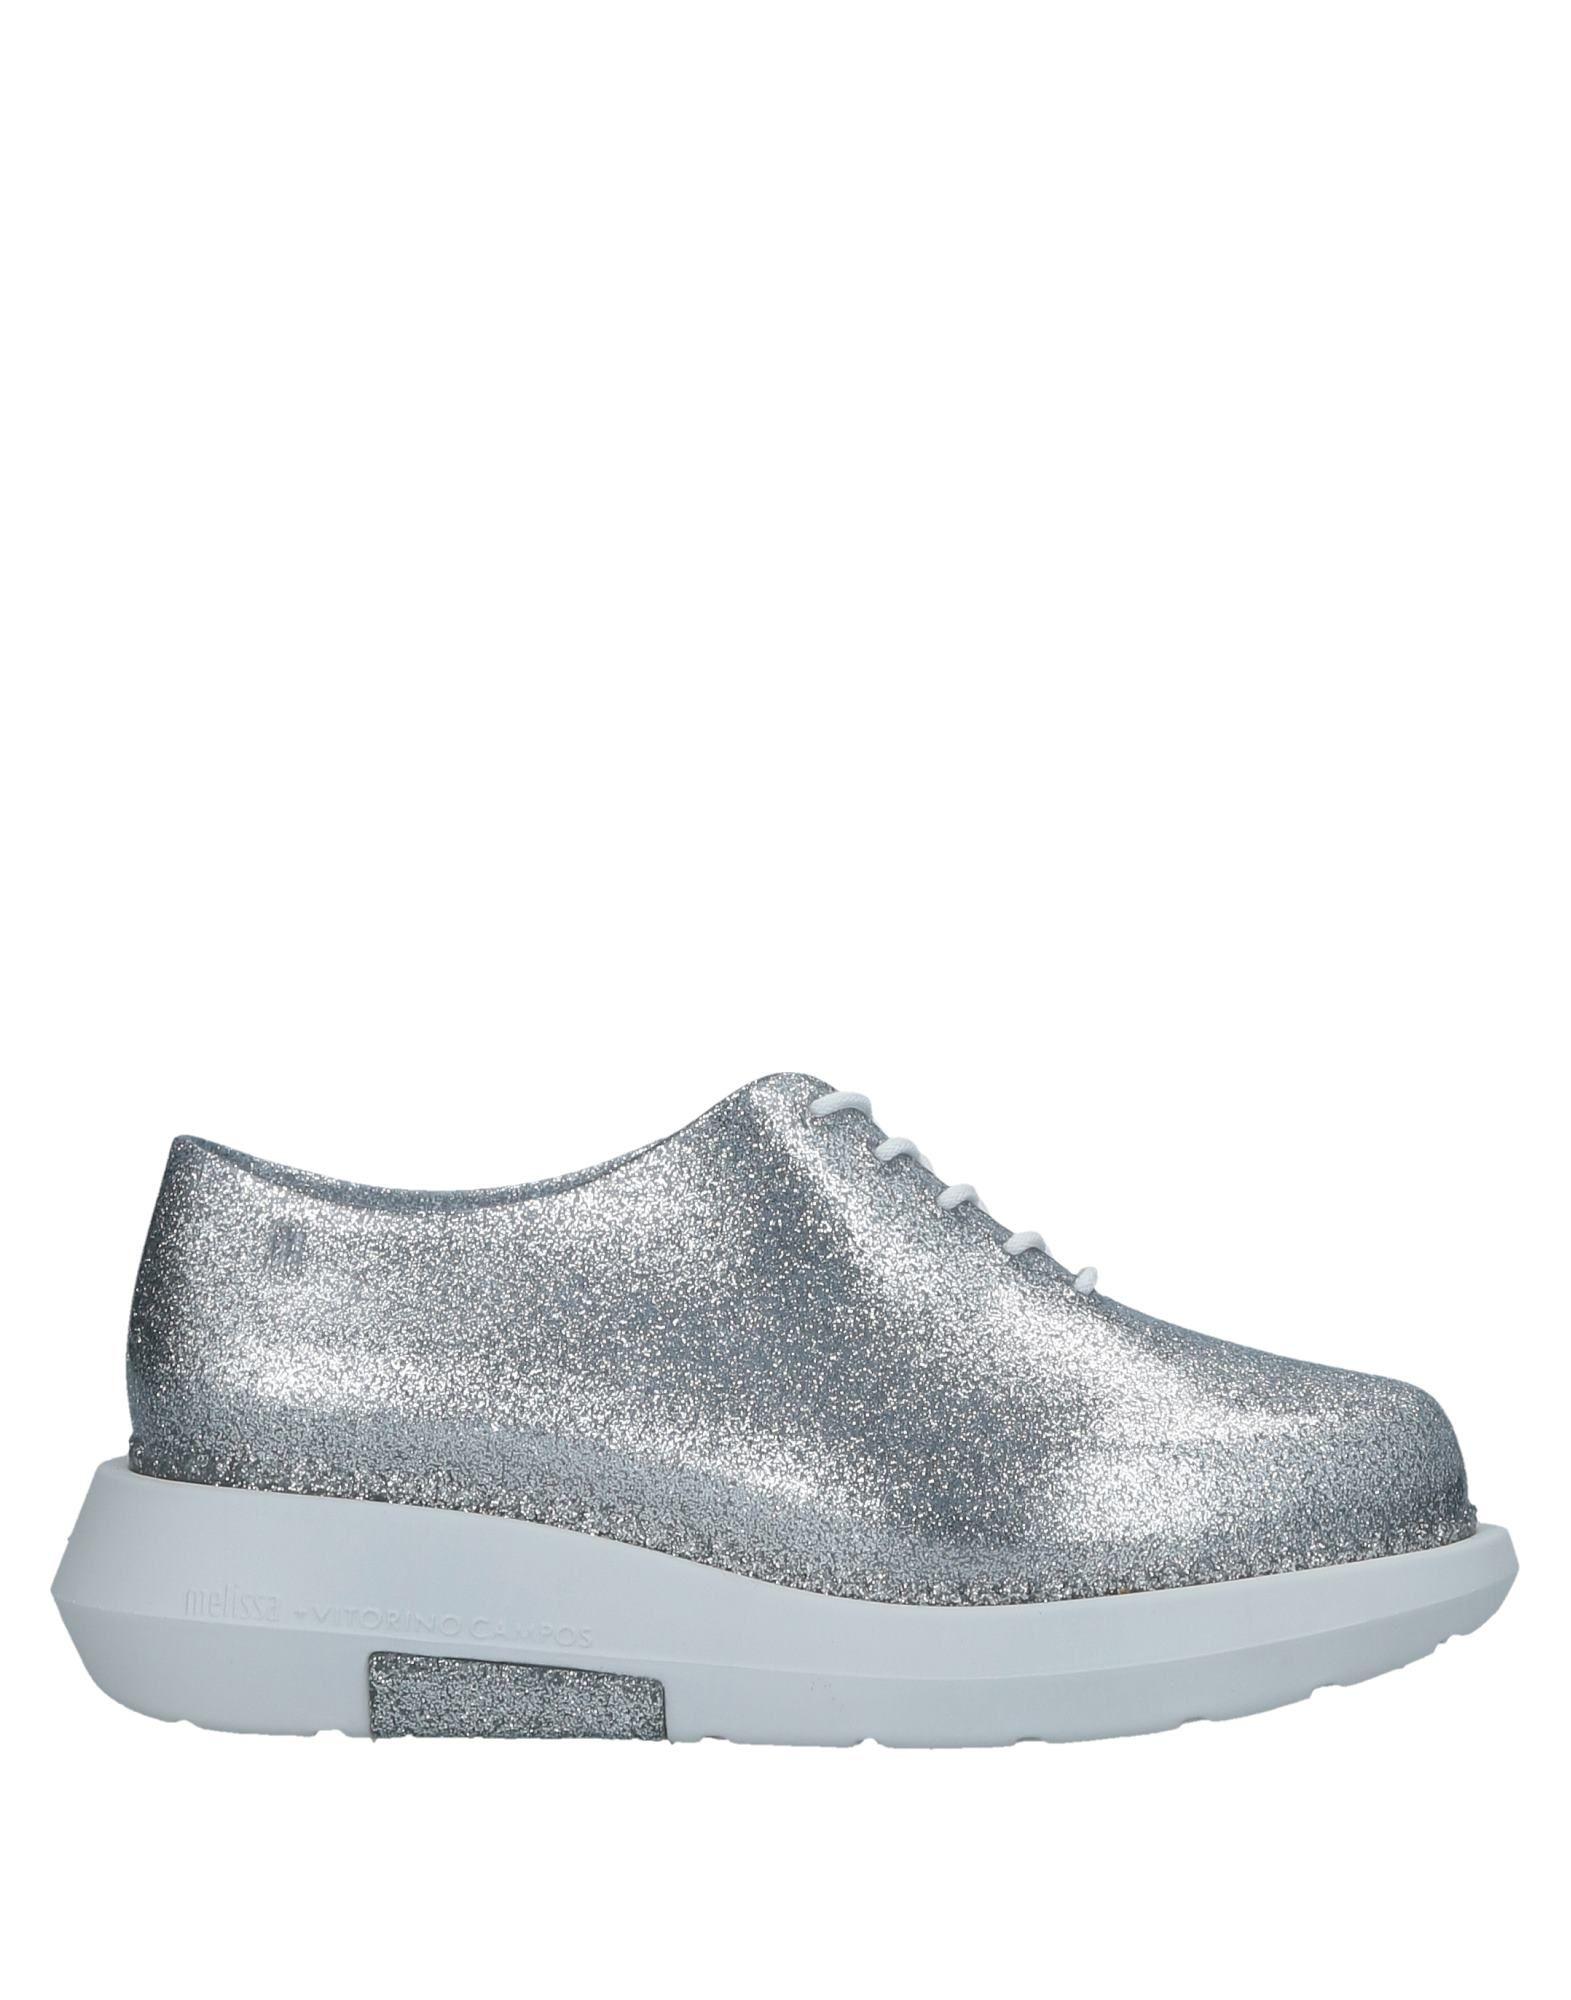 Moda 11531781XL Sneakers Melissa Donna - 11531781XL Moda 810ad9